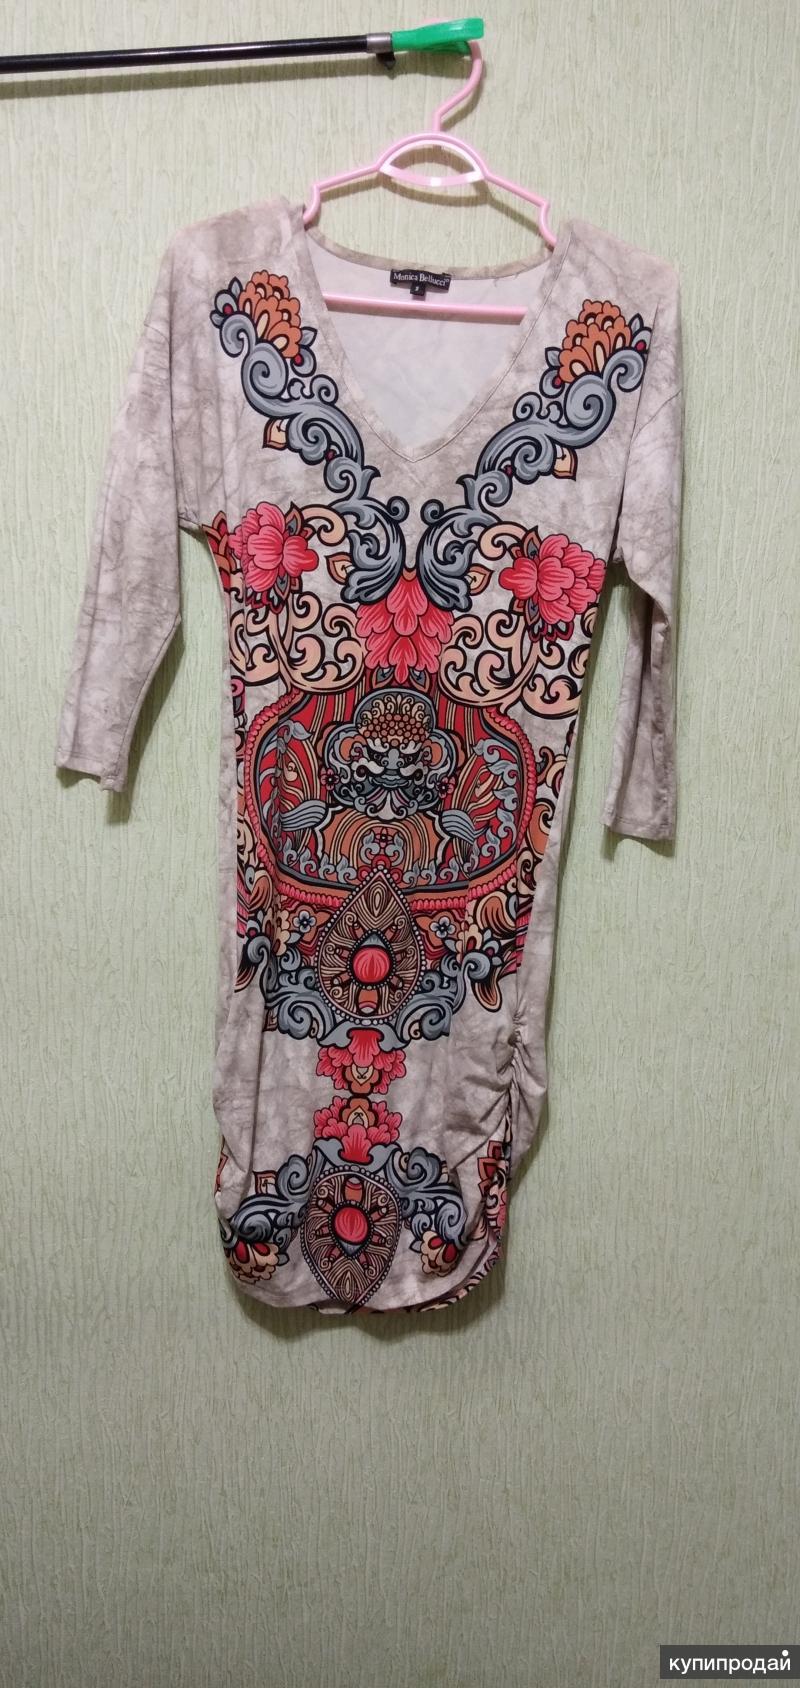 Платье Monica Bellucci, размер 44